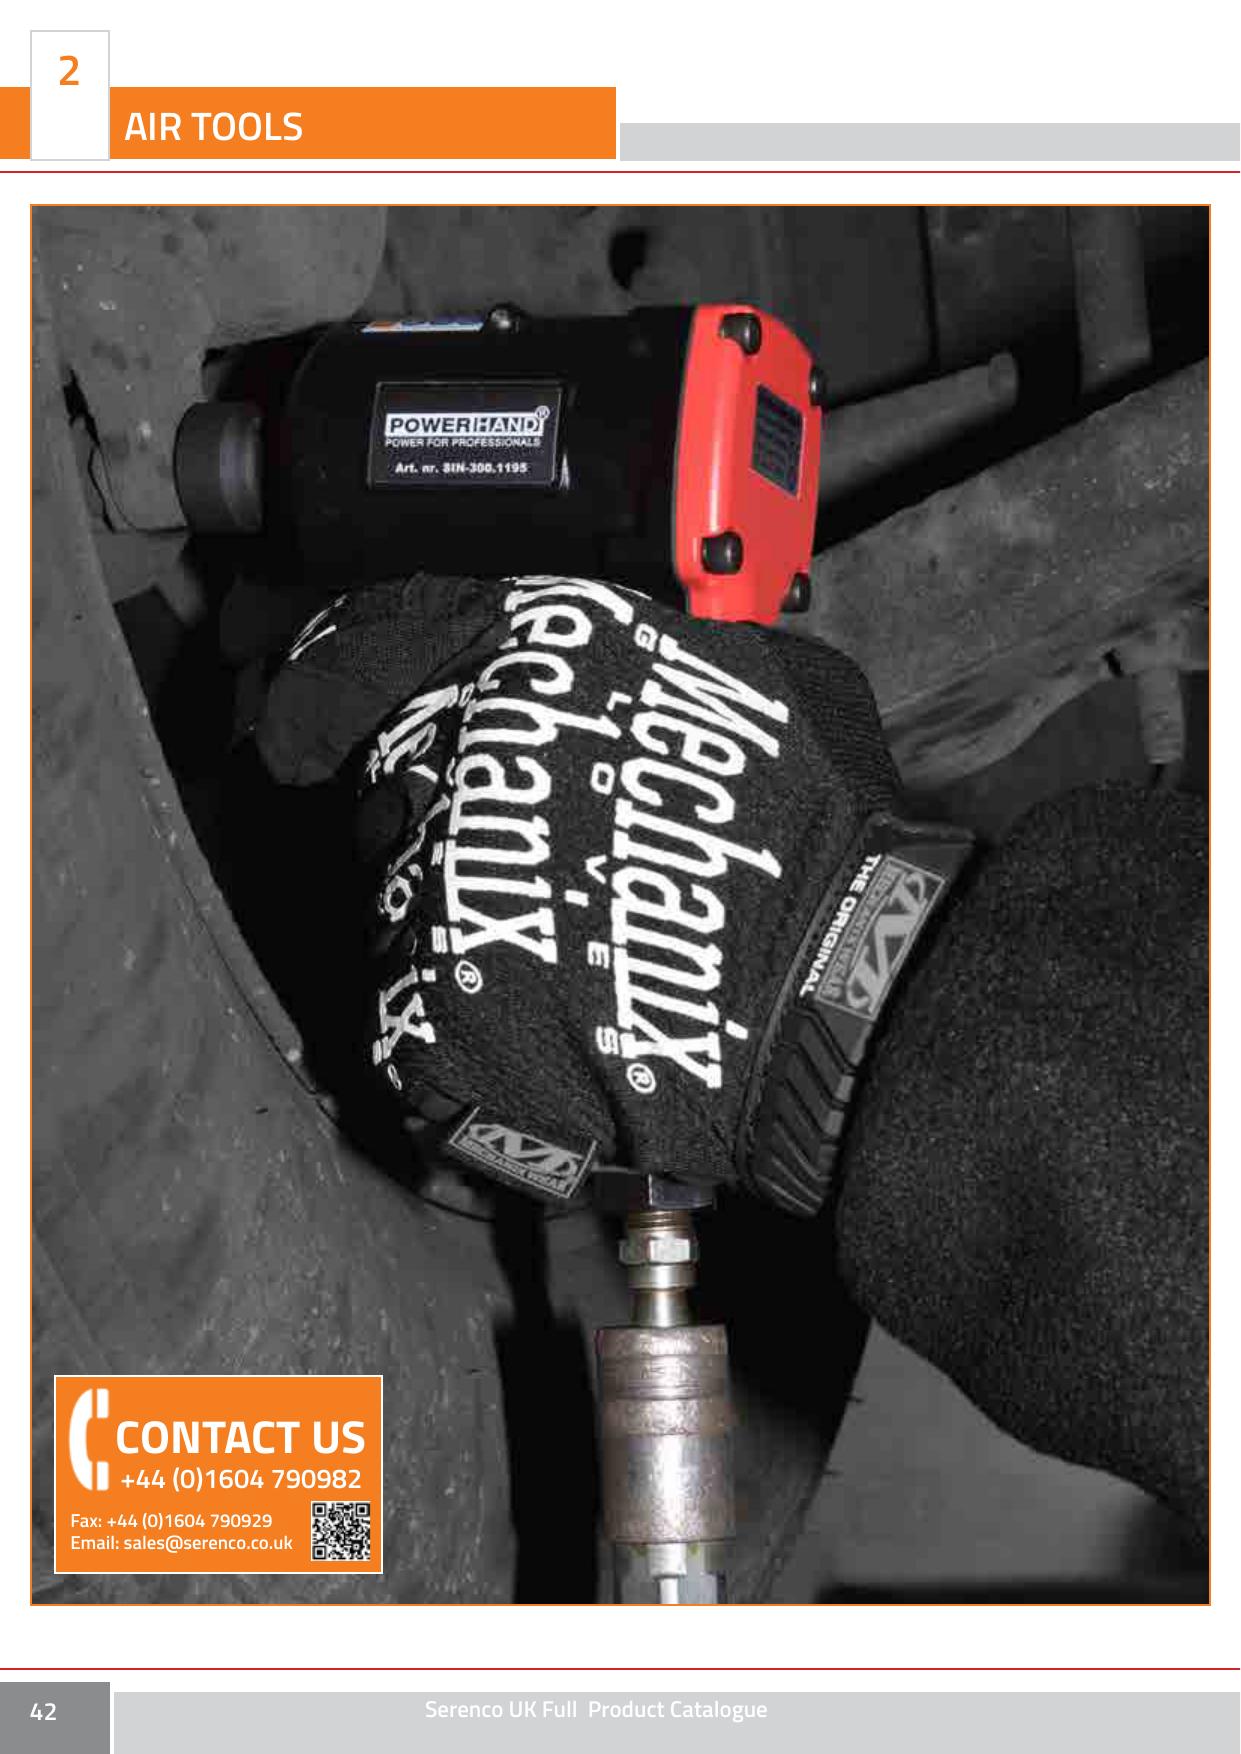 PCL 10 mm Mini Air Straight Drill High Powered Compact Design Air Tool APT904